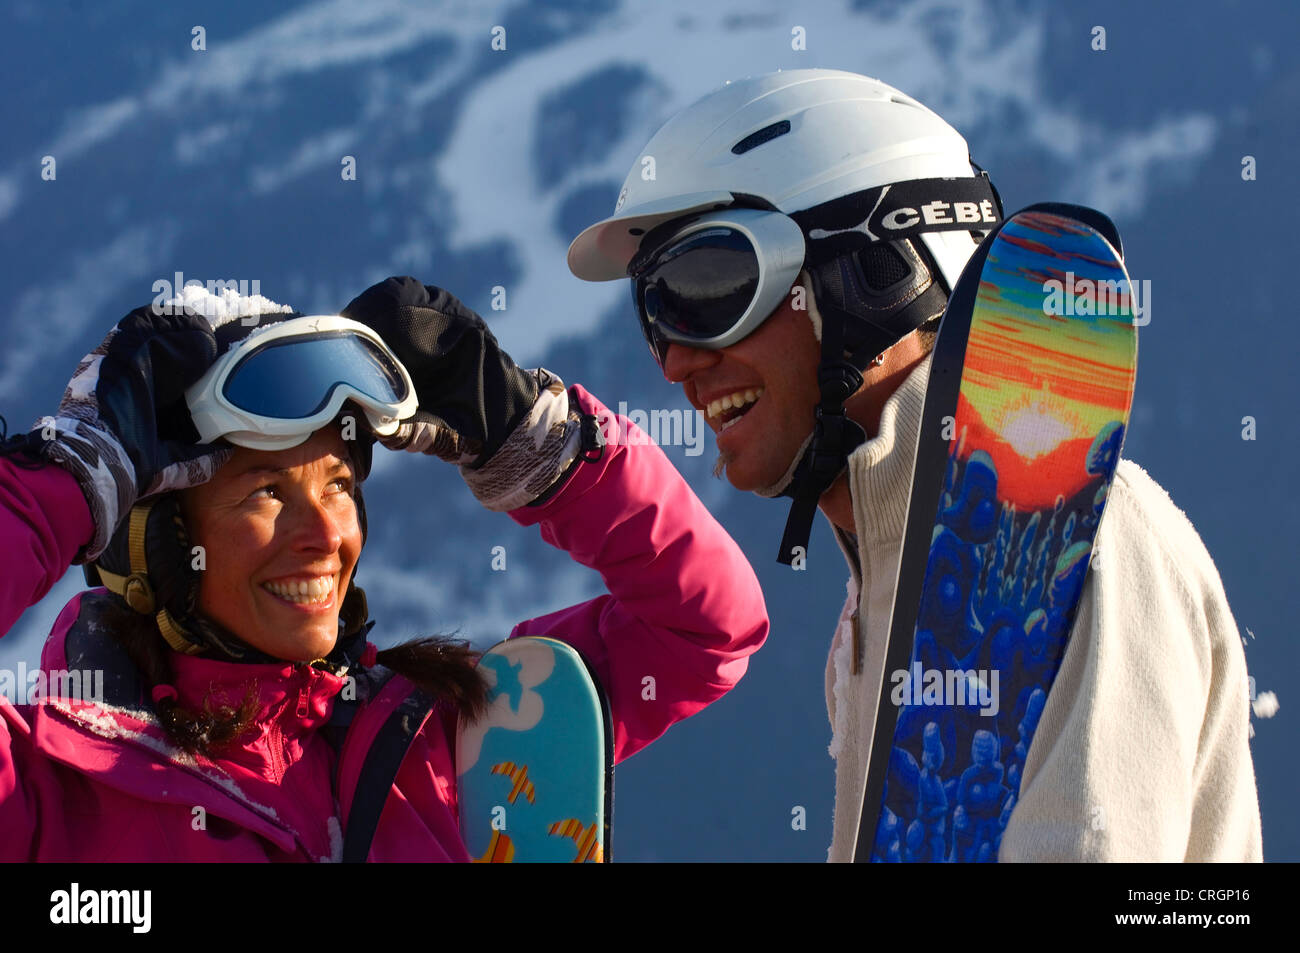 Coppia con gli sci, caschi e occhiali da sci nelle Alpi, Francia Immagini Stock